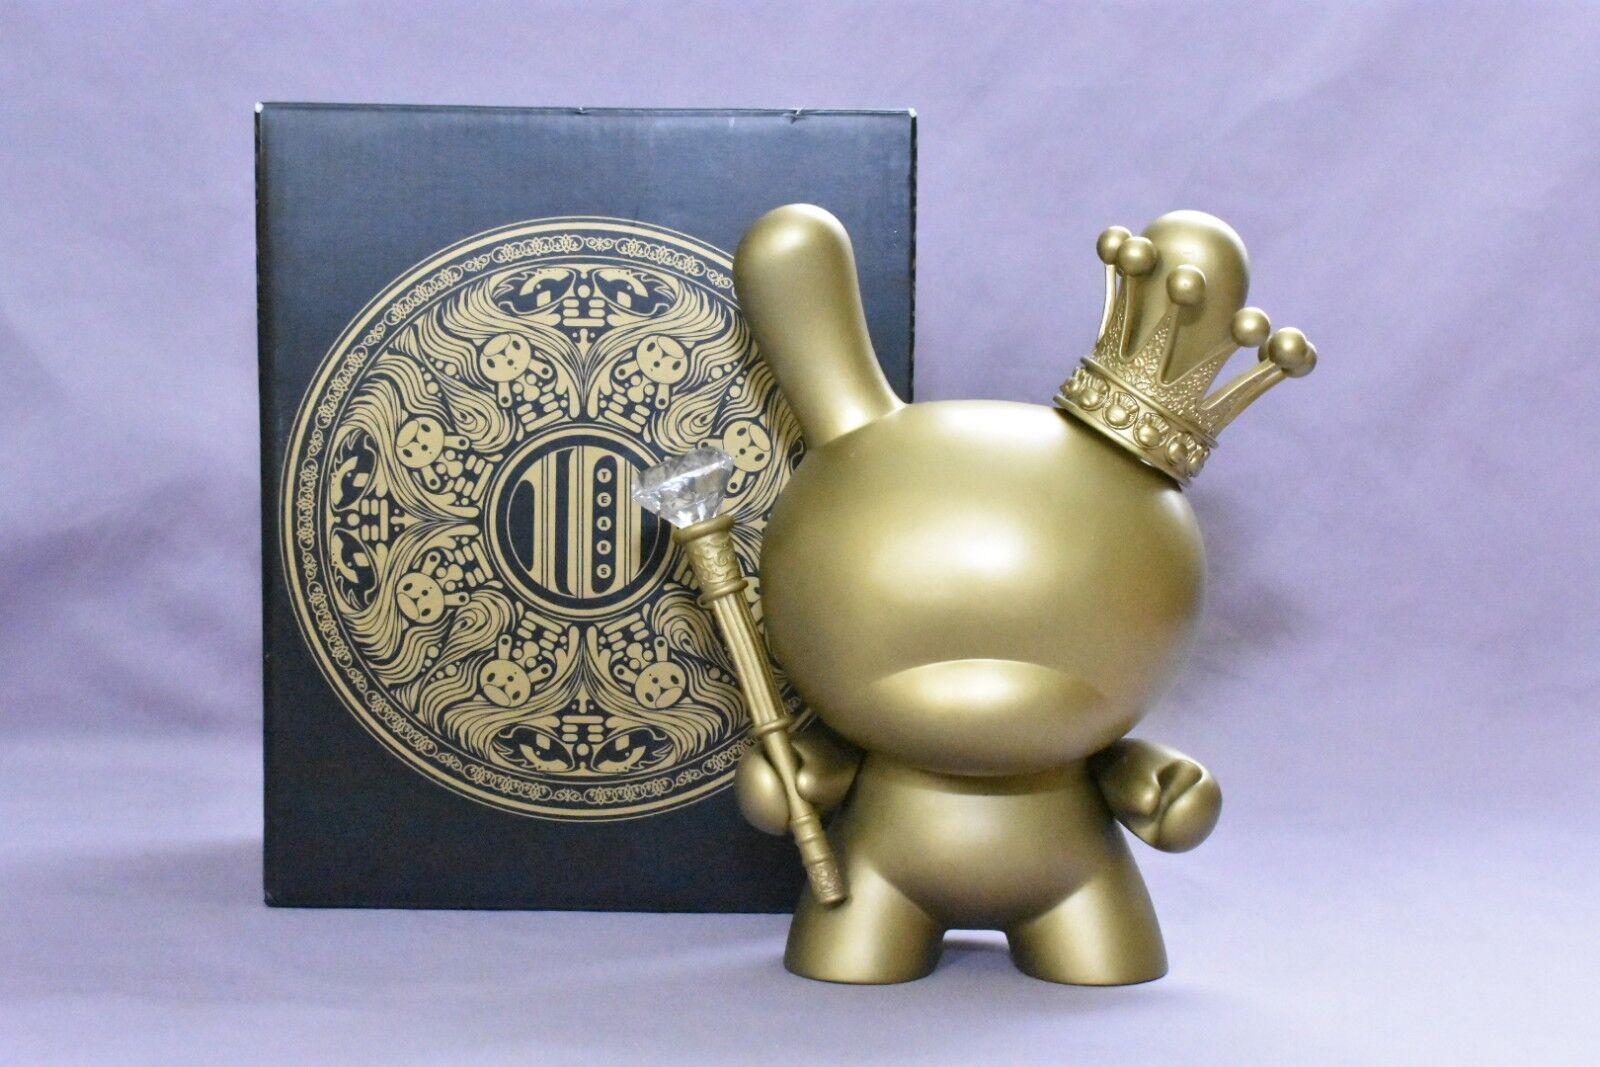 RARE    Kidrobot  8  oro re TRISTAN EATON 2012 10 YEAR ANNIVERSARY Dunny  consegna gratuita e veloce disponibile